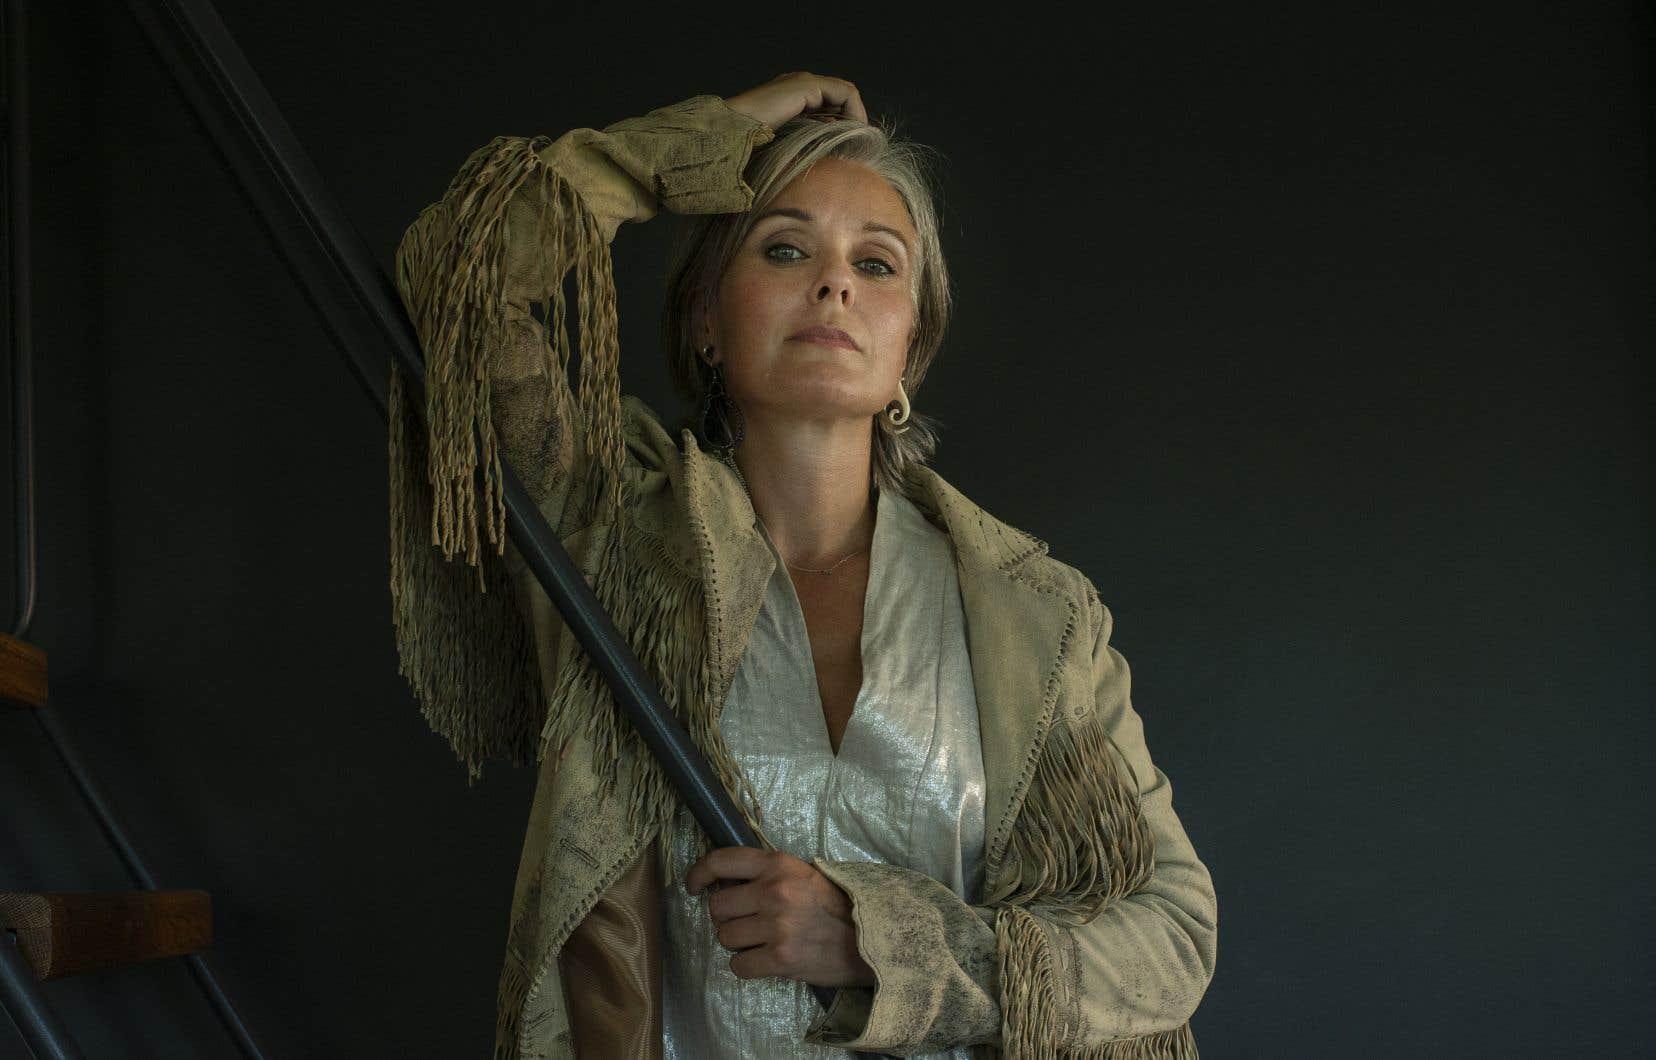 Michelle Latimer revendiquait dans sa notice biographique un «héritage algonquin, métis et français», de la Première Nation anichinabée de Kitigan Zibi, près de Maniwaki, mais une enquête du réseau anglais de Radio-Canada a remis en question cette prétention.